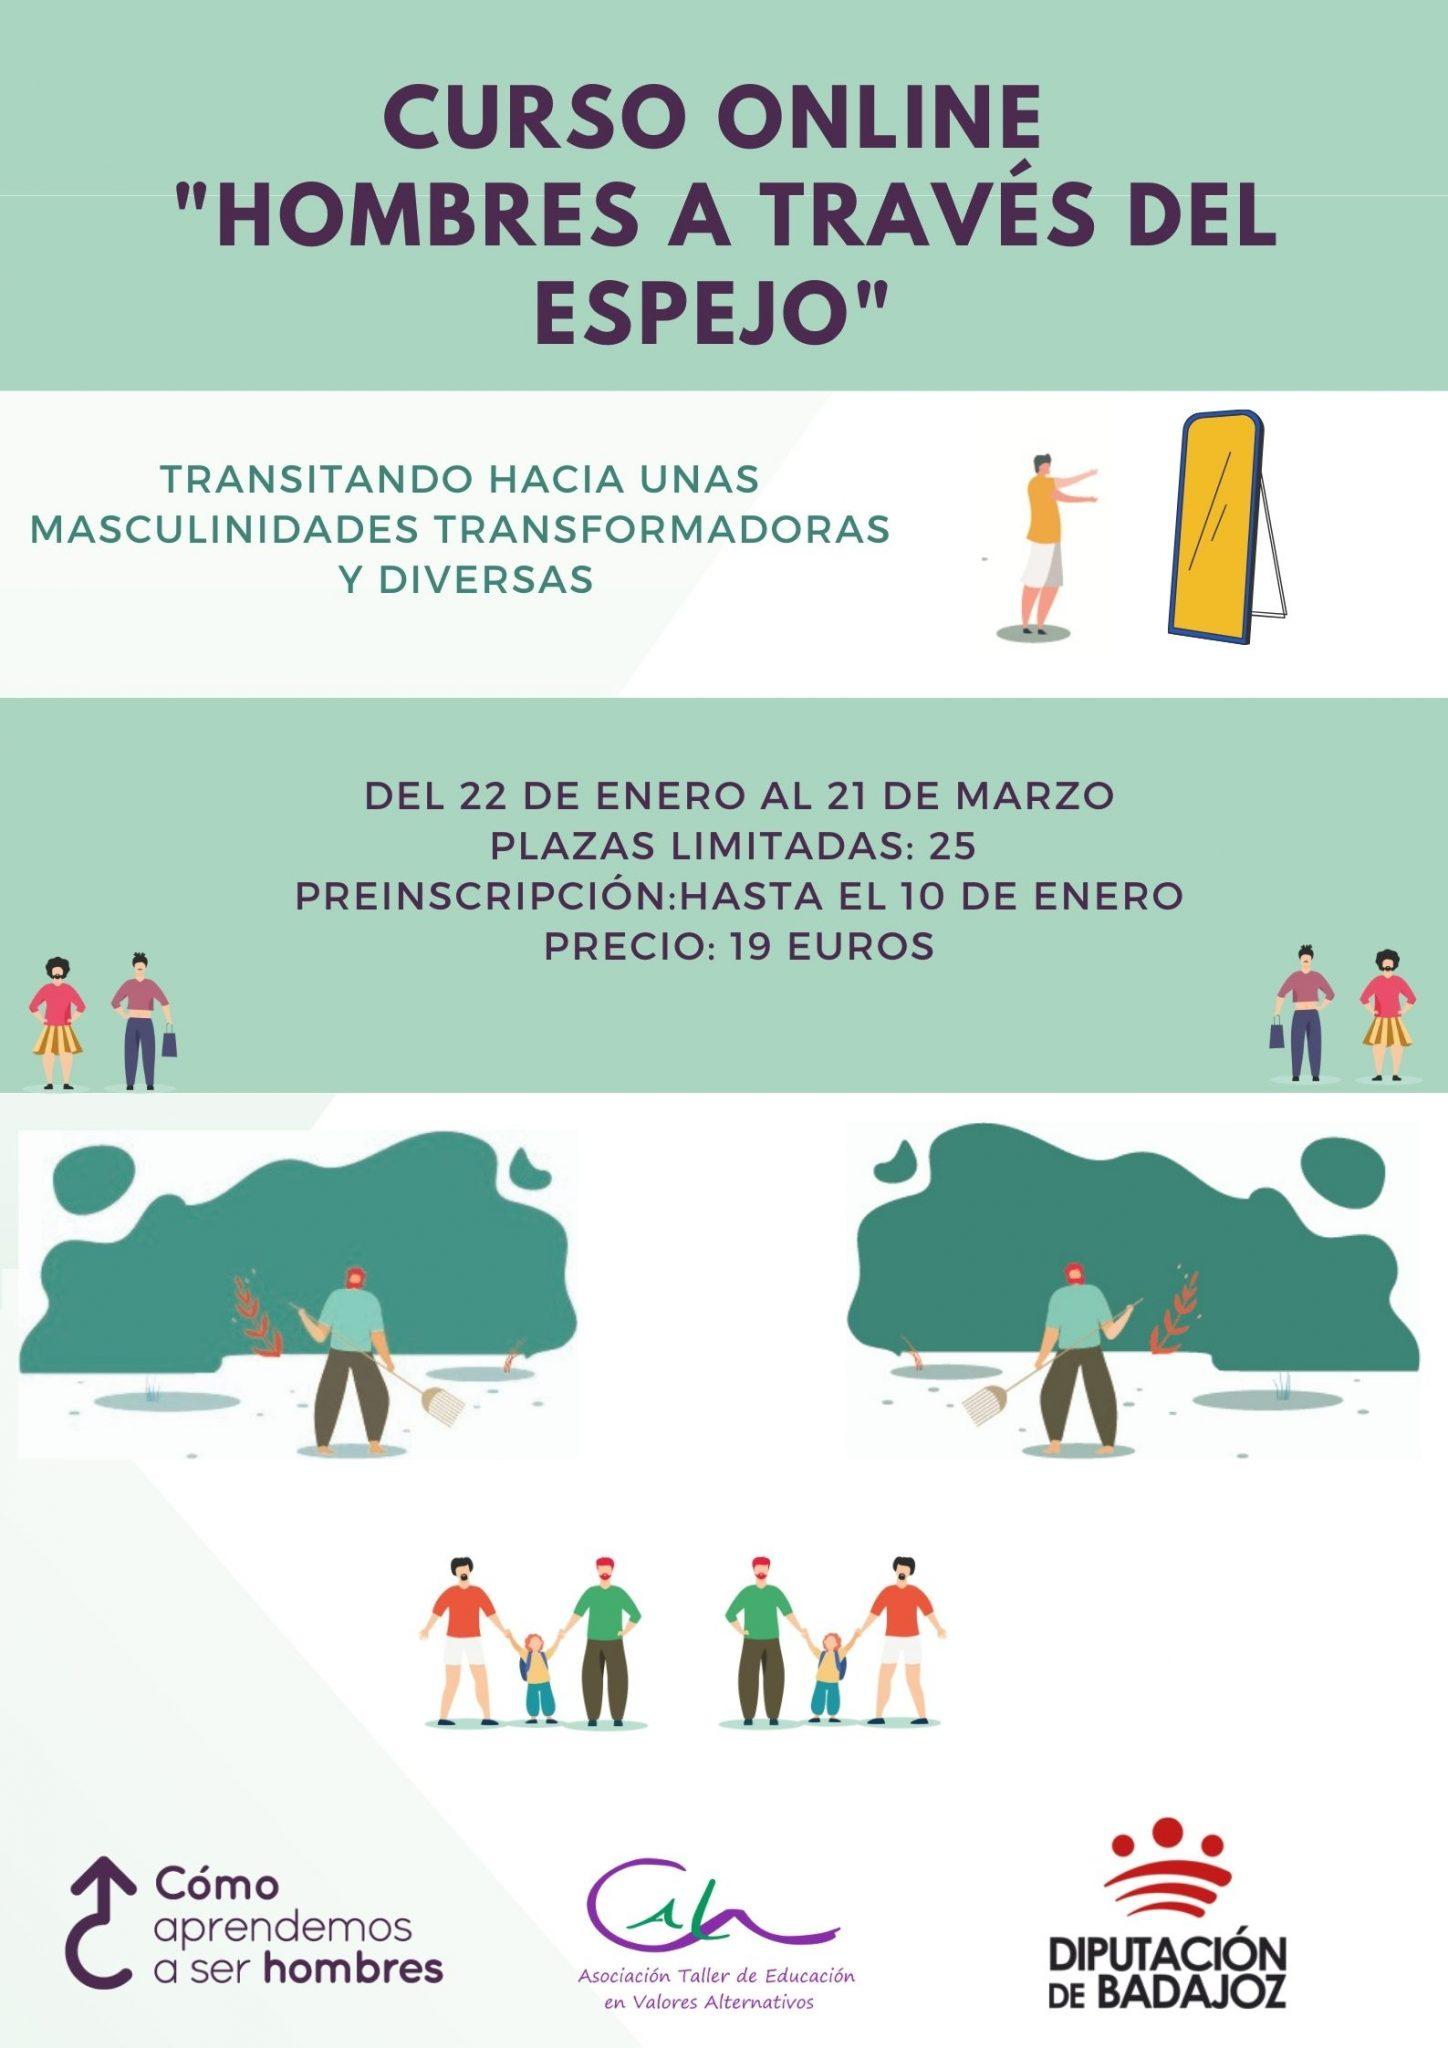 ESTRENAMOS ESPACIO DE FORMACIÓN VIRTUAL CON CURSO DE MASCULINIDADES